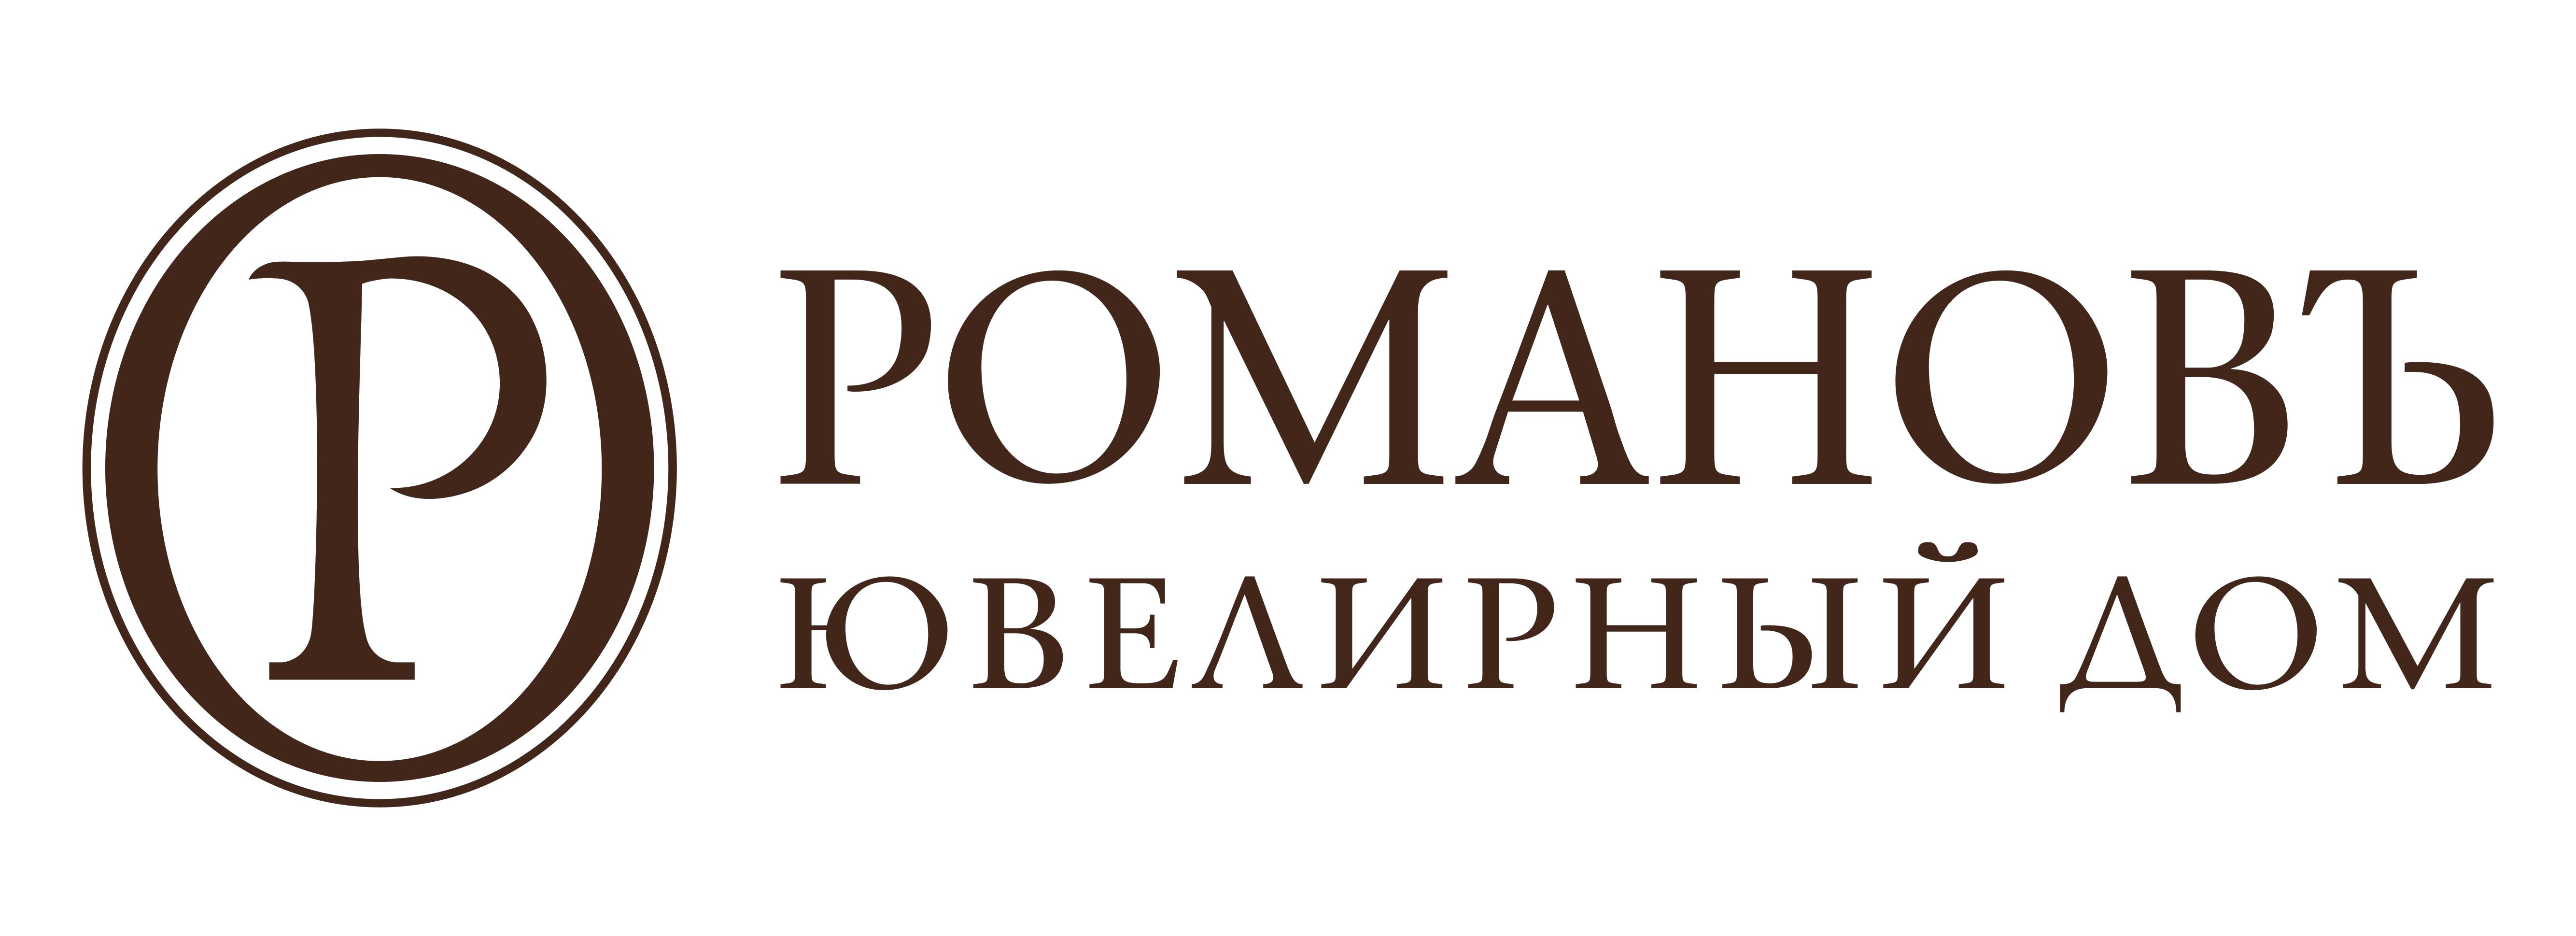 Ювелирные Магазины Романов Сыктывкар Сайт